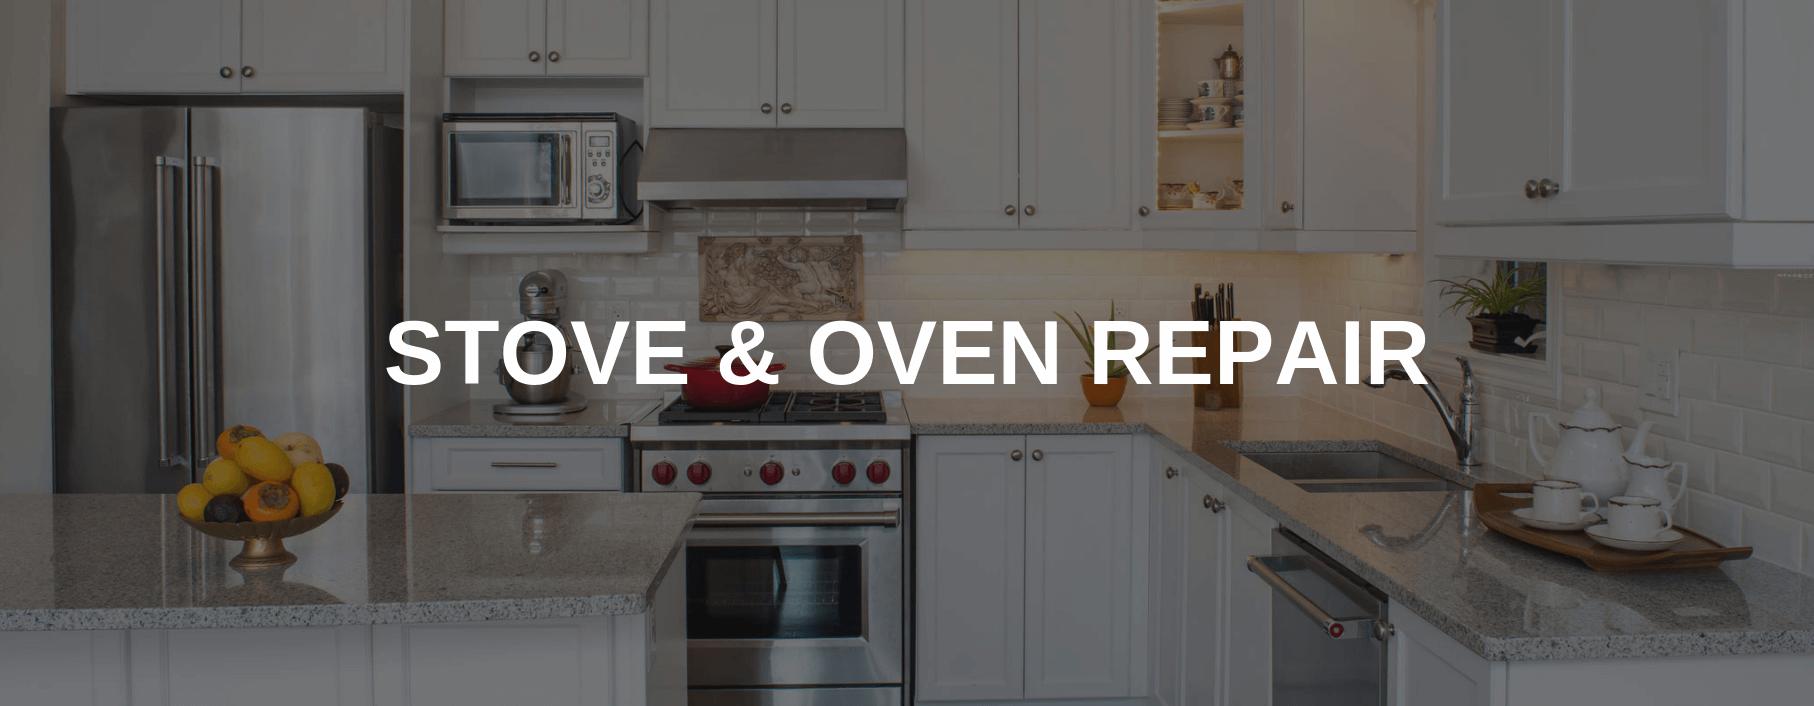 stove repair